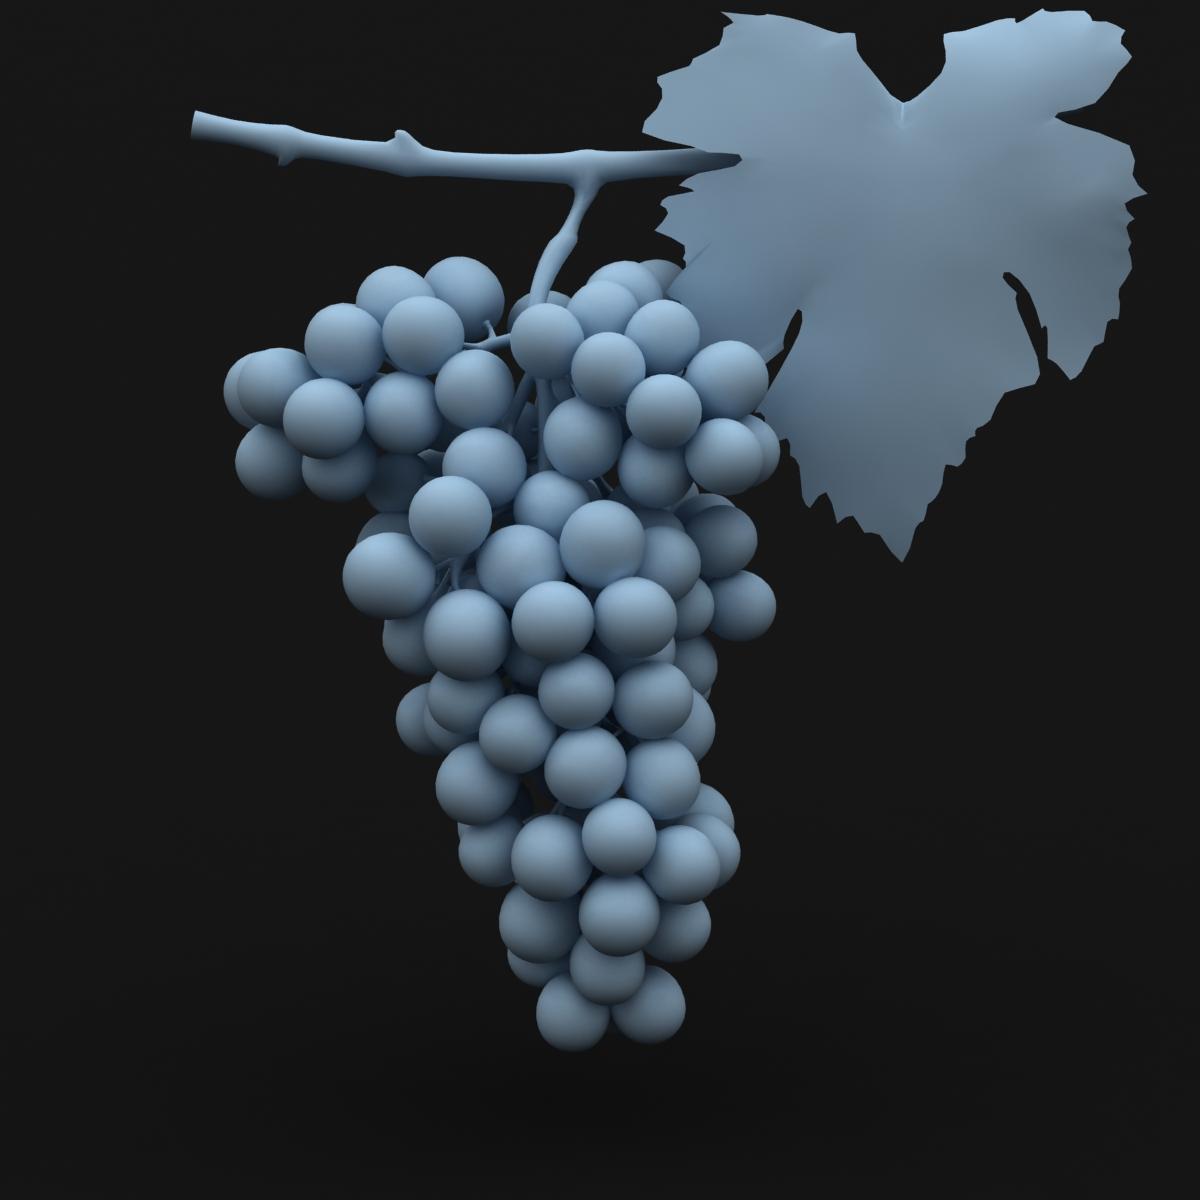 grapes red 3d model 3ds max fbx c4d lwo obj 204262